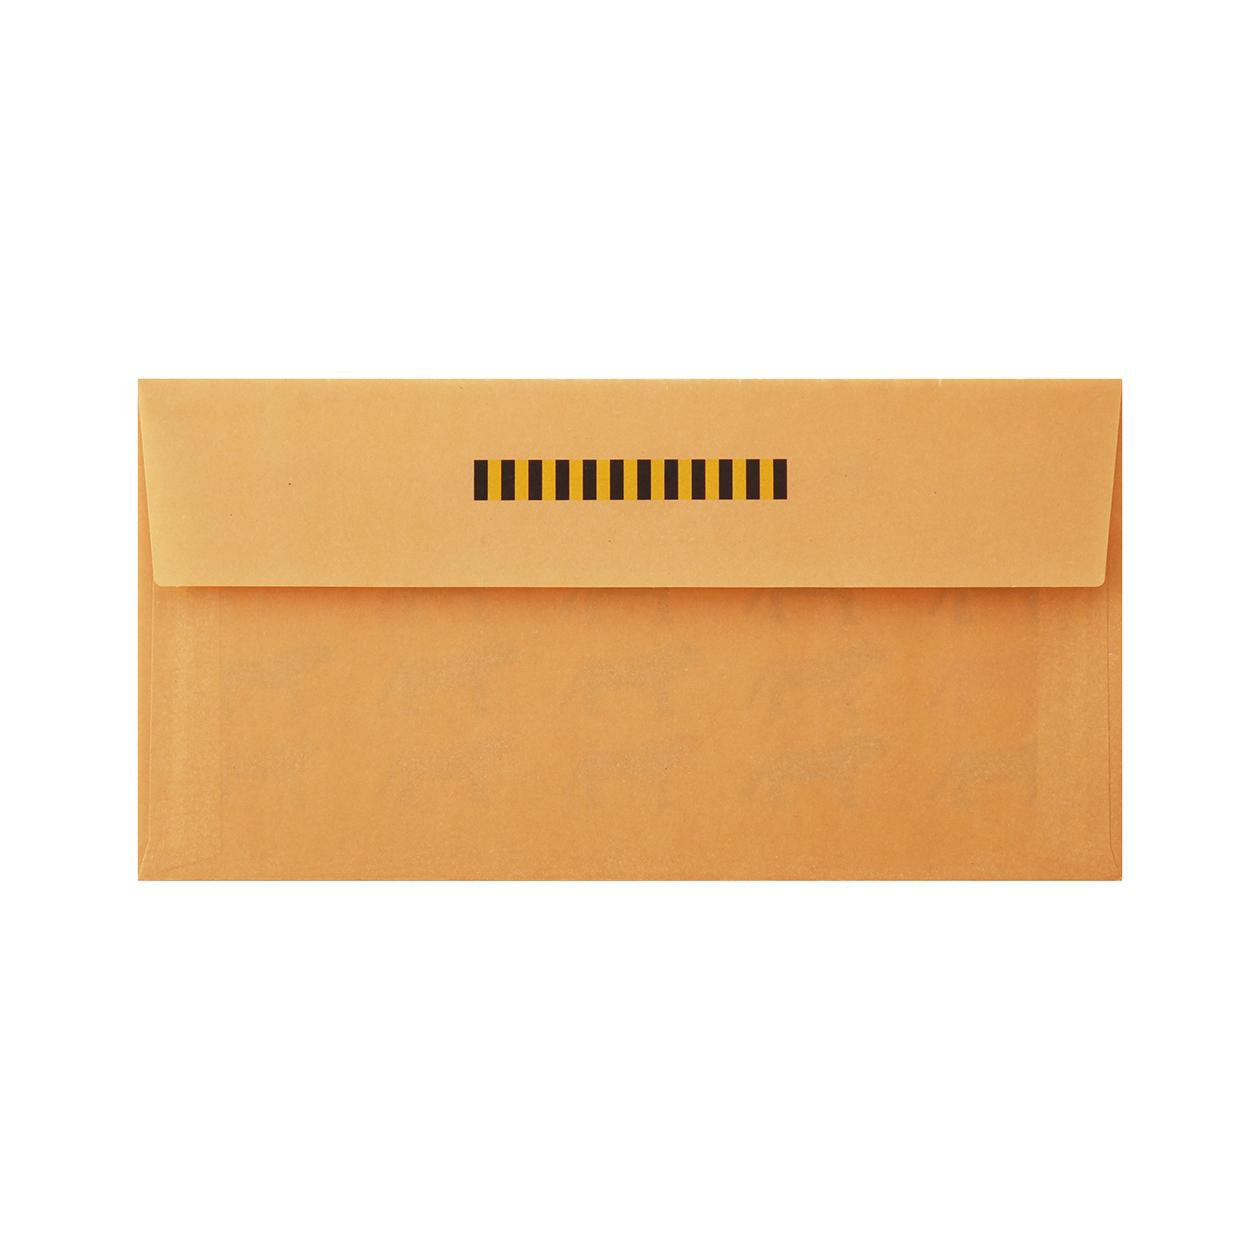 見本 00221 長3カマス封筒 クラフトロウ引き